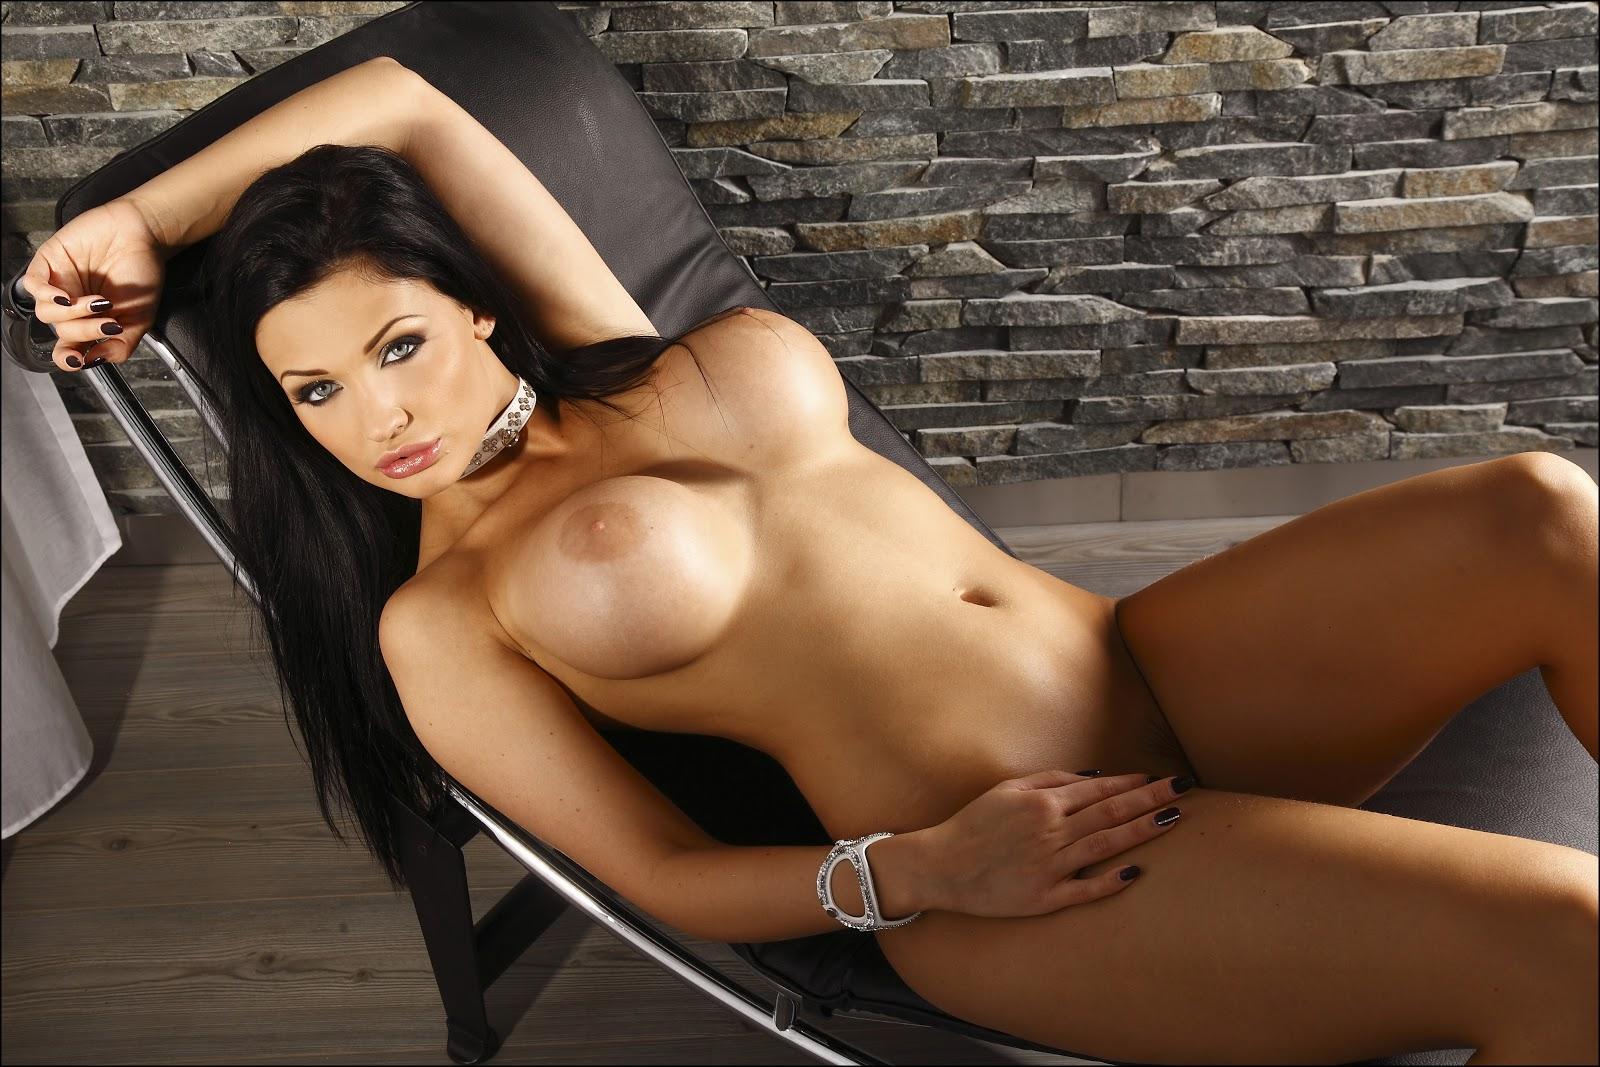 виде самых красивых порнозвезд